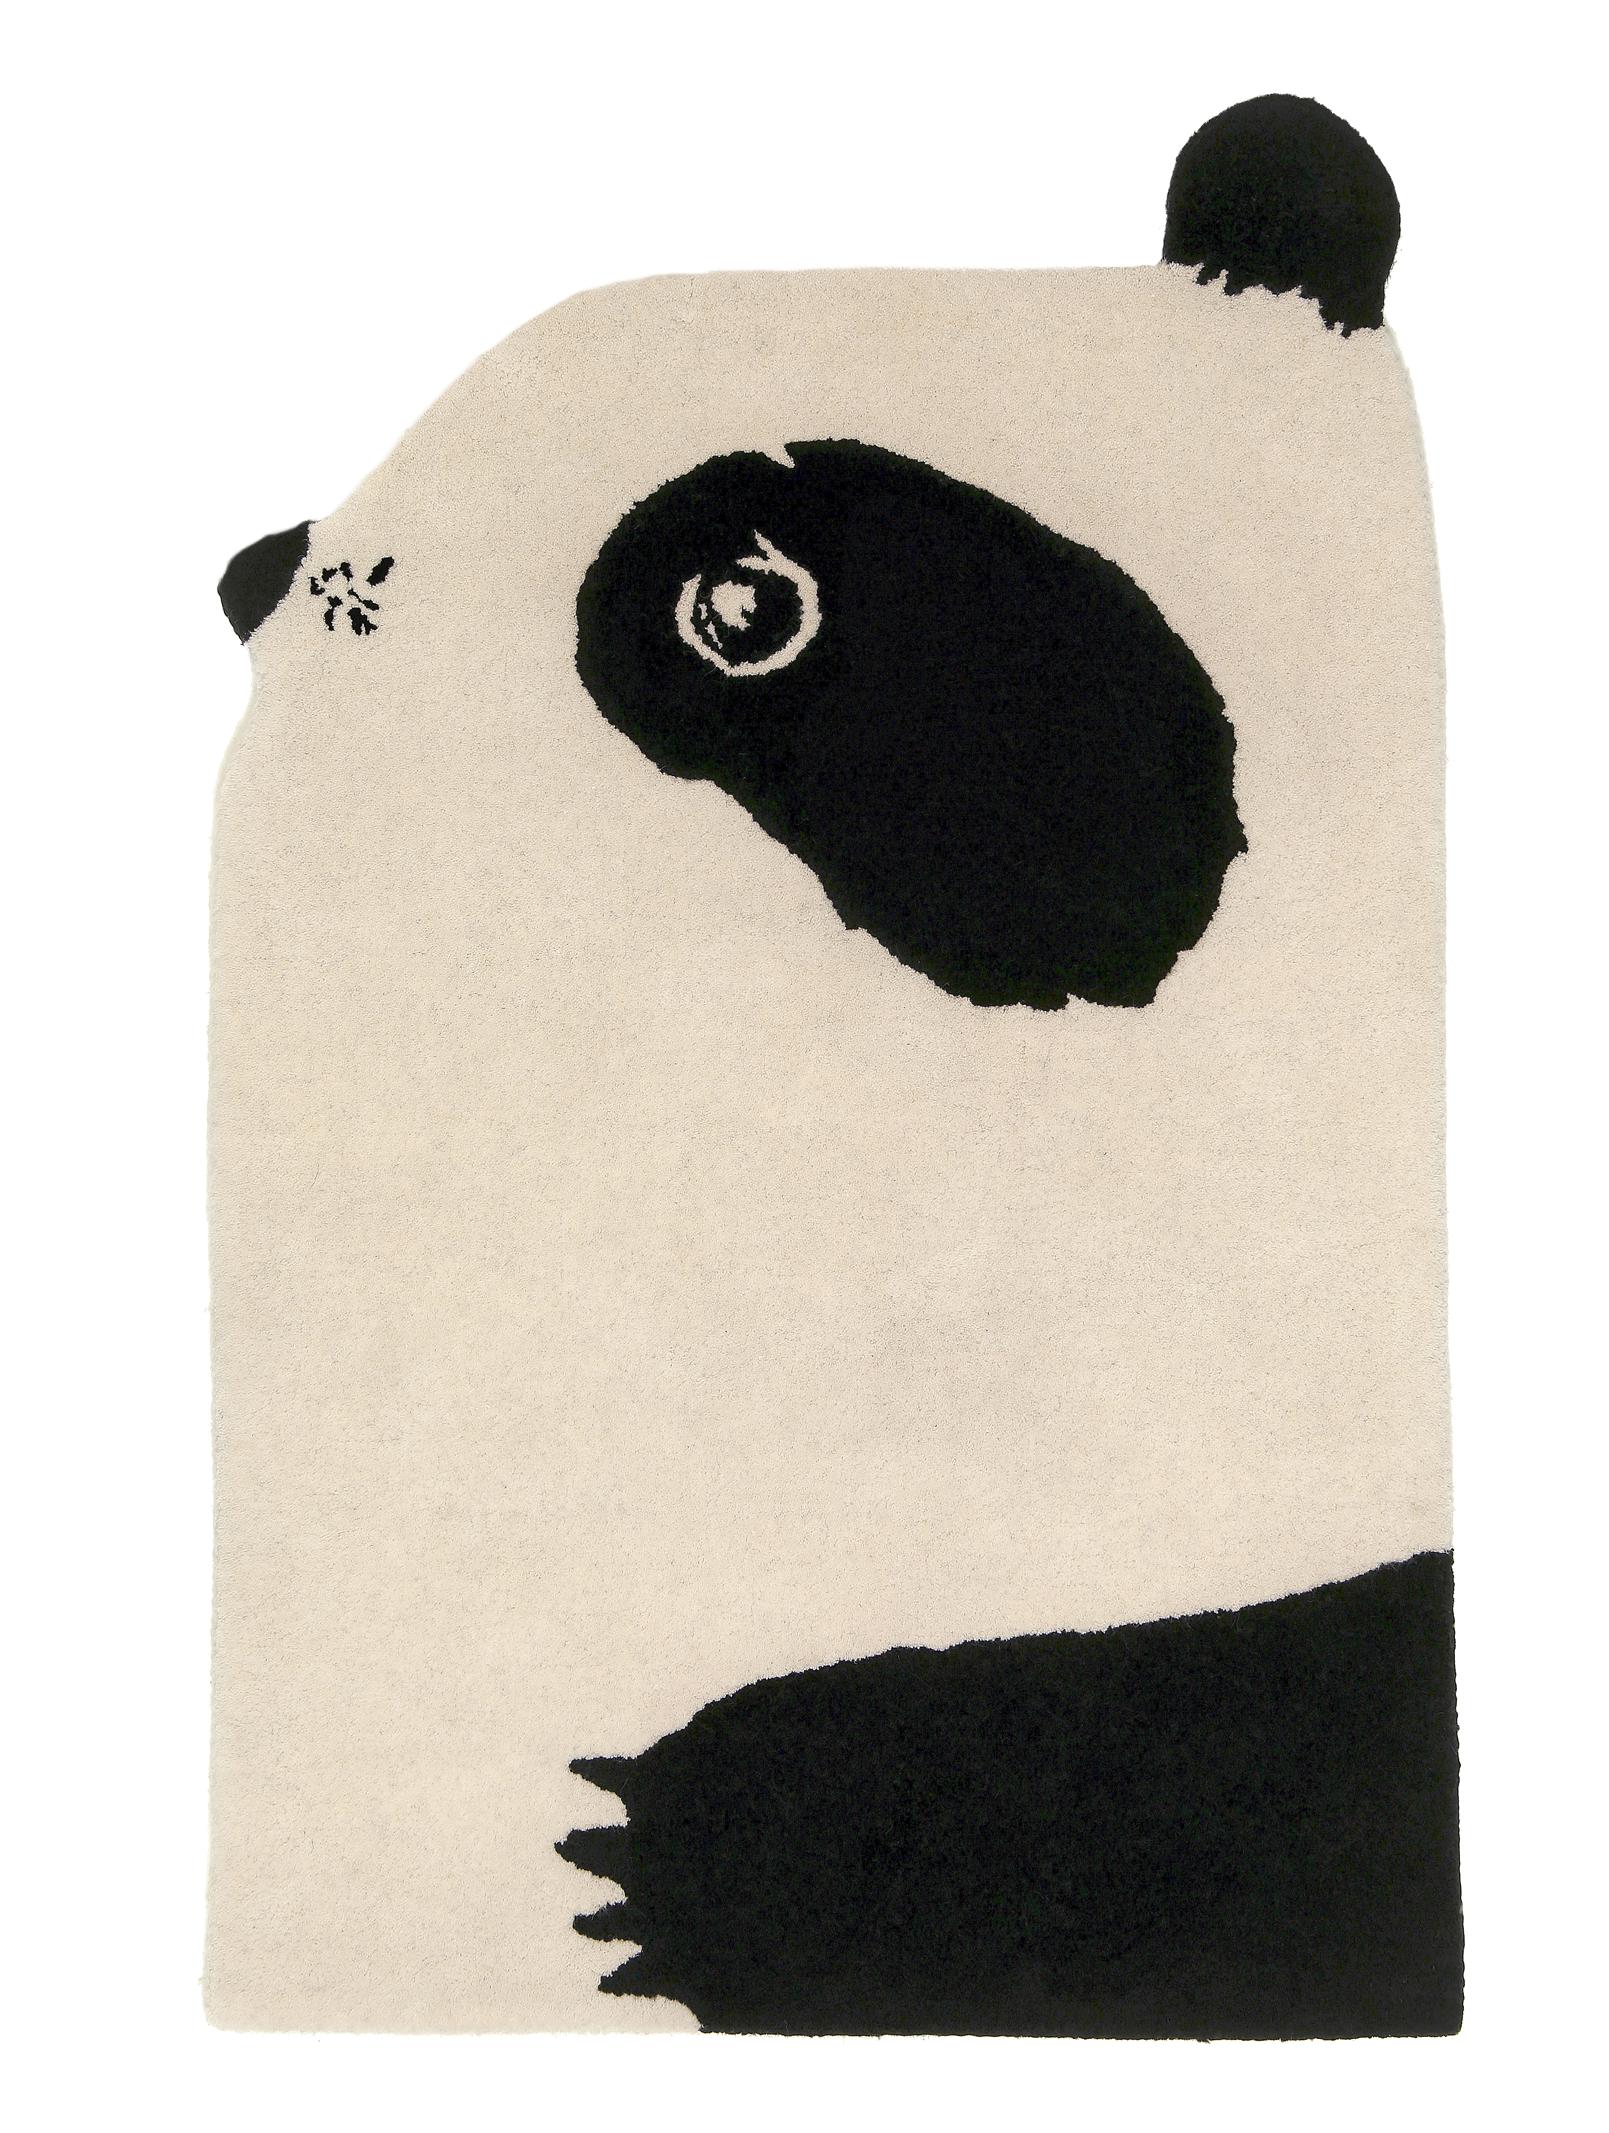 EO_Panda_Carpet_nbg_lowres.png